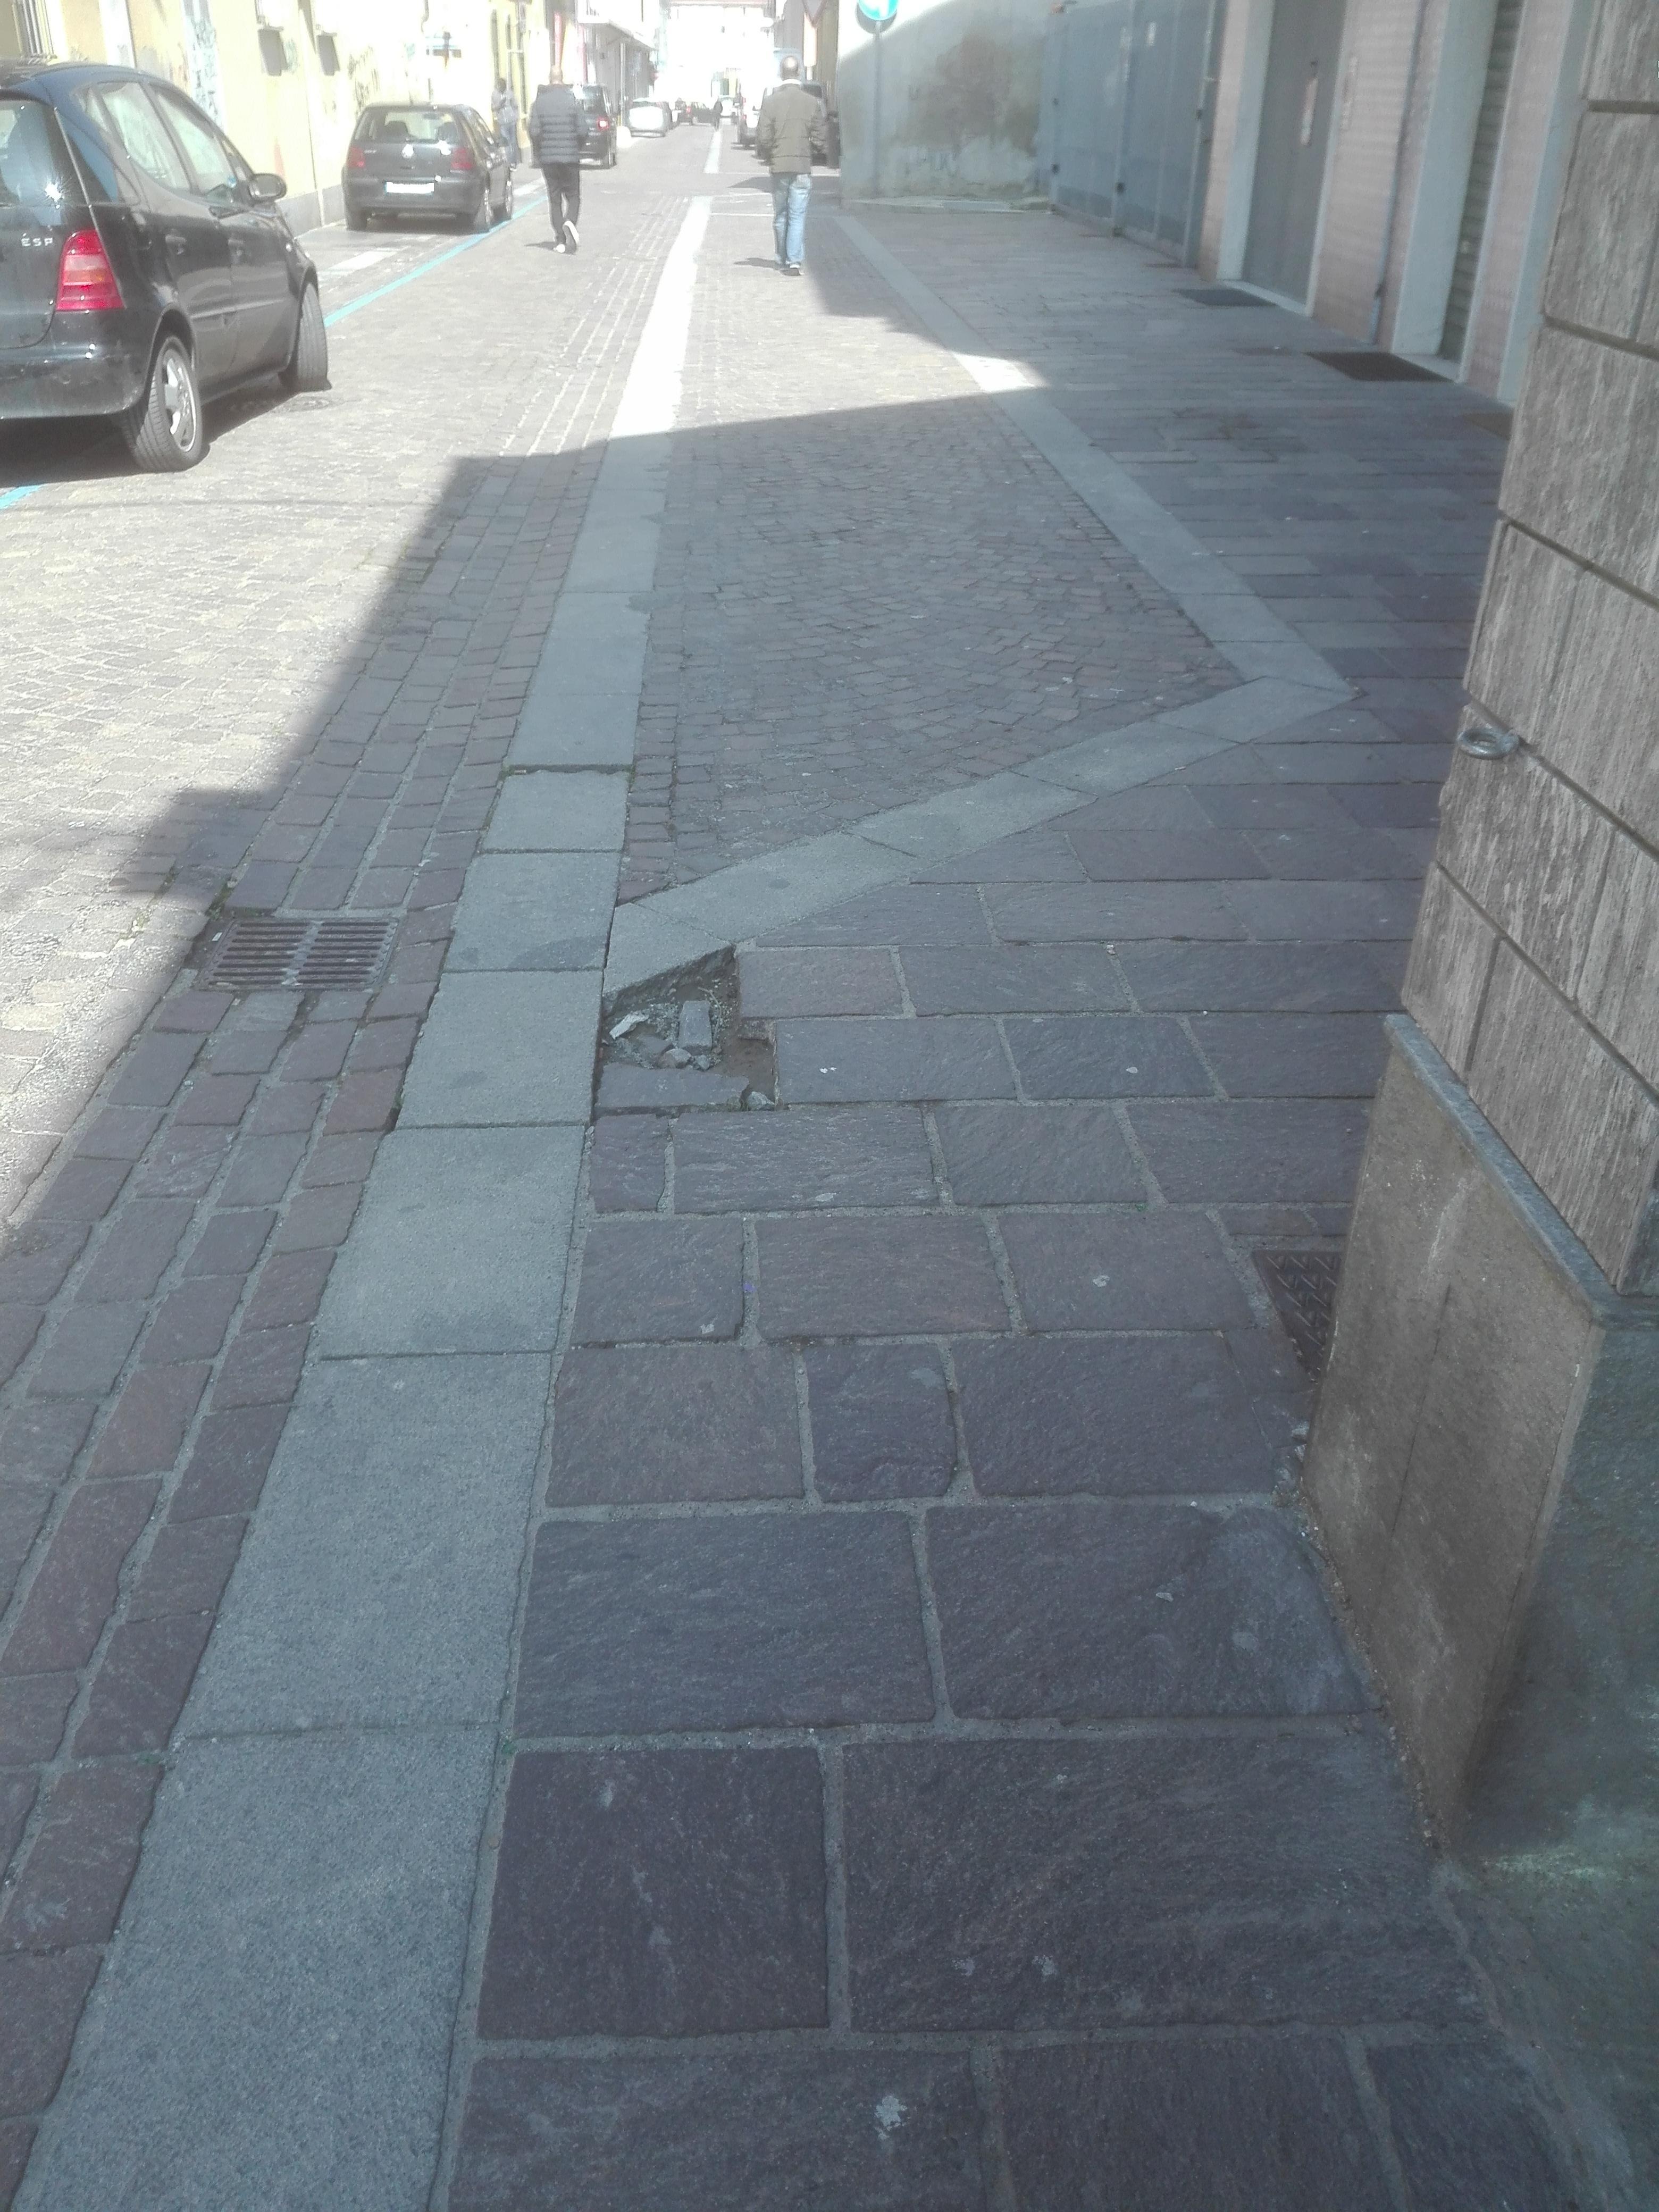 Parcheggio selvaggio e strade dissestate - Città Futura on line